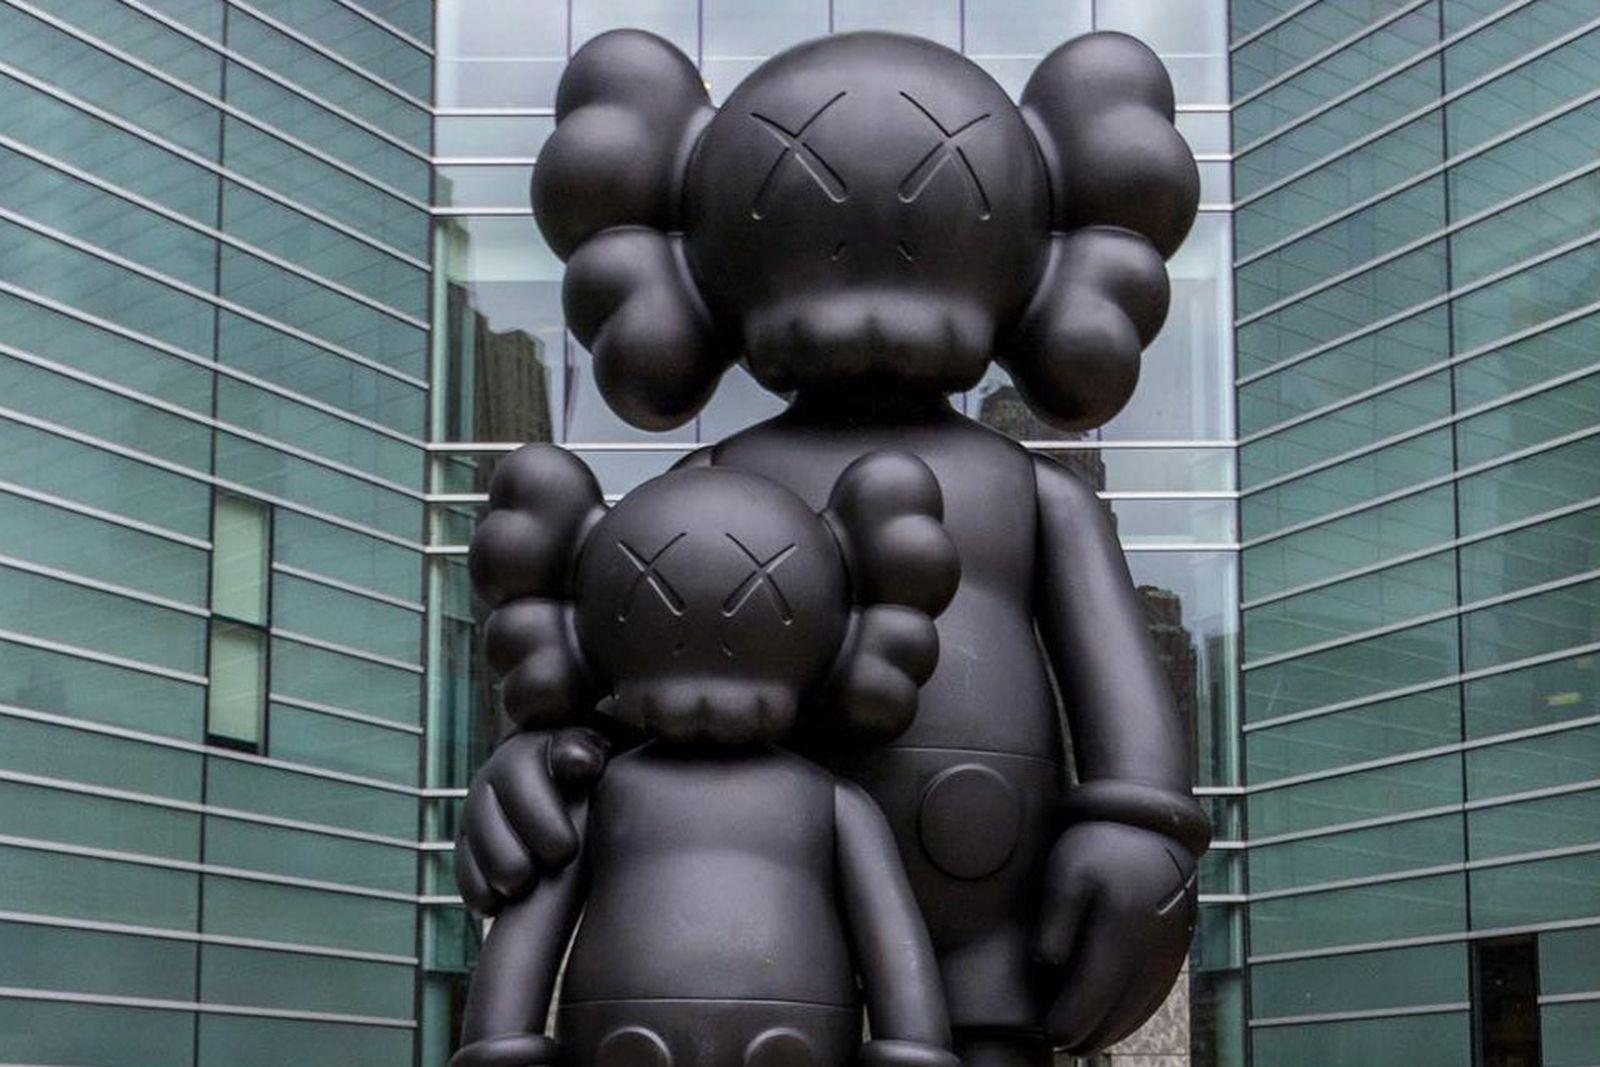 kaws-detroit-sculpture-1